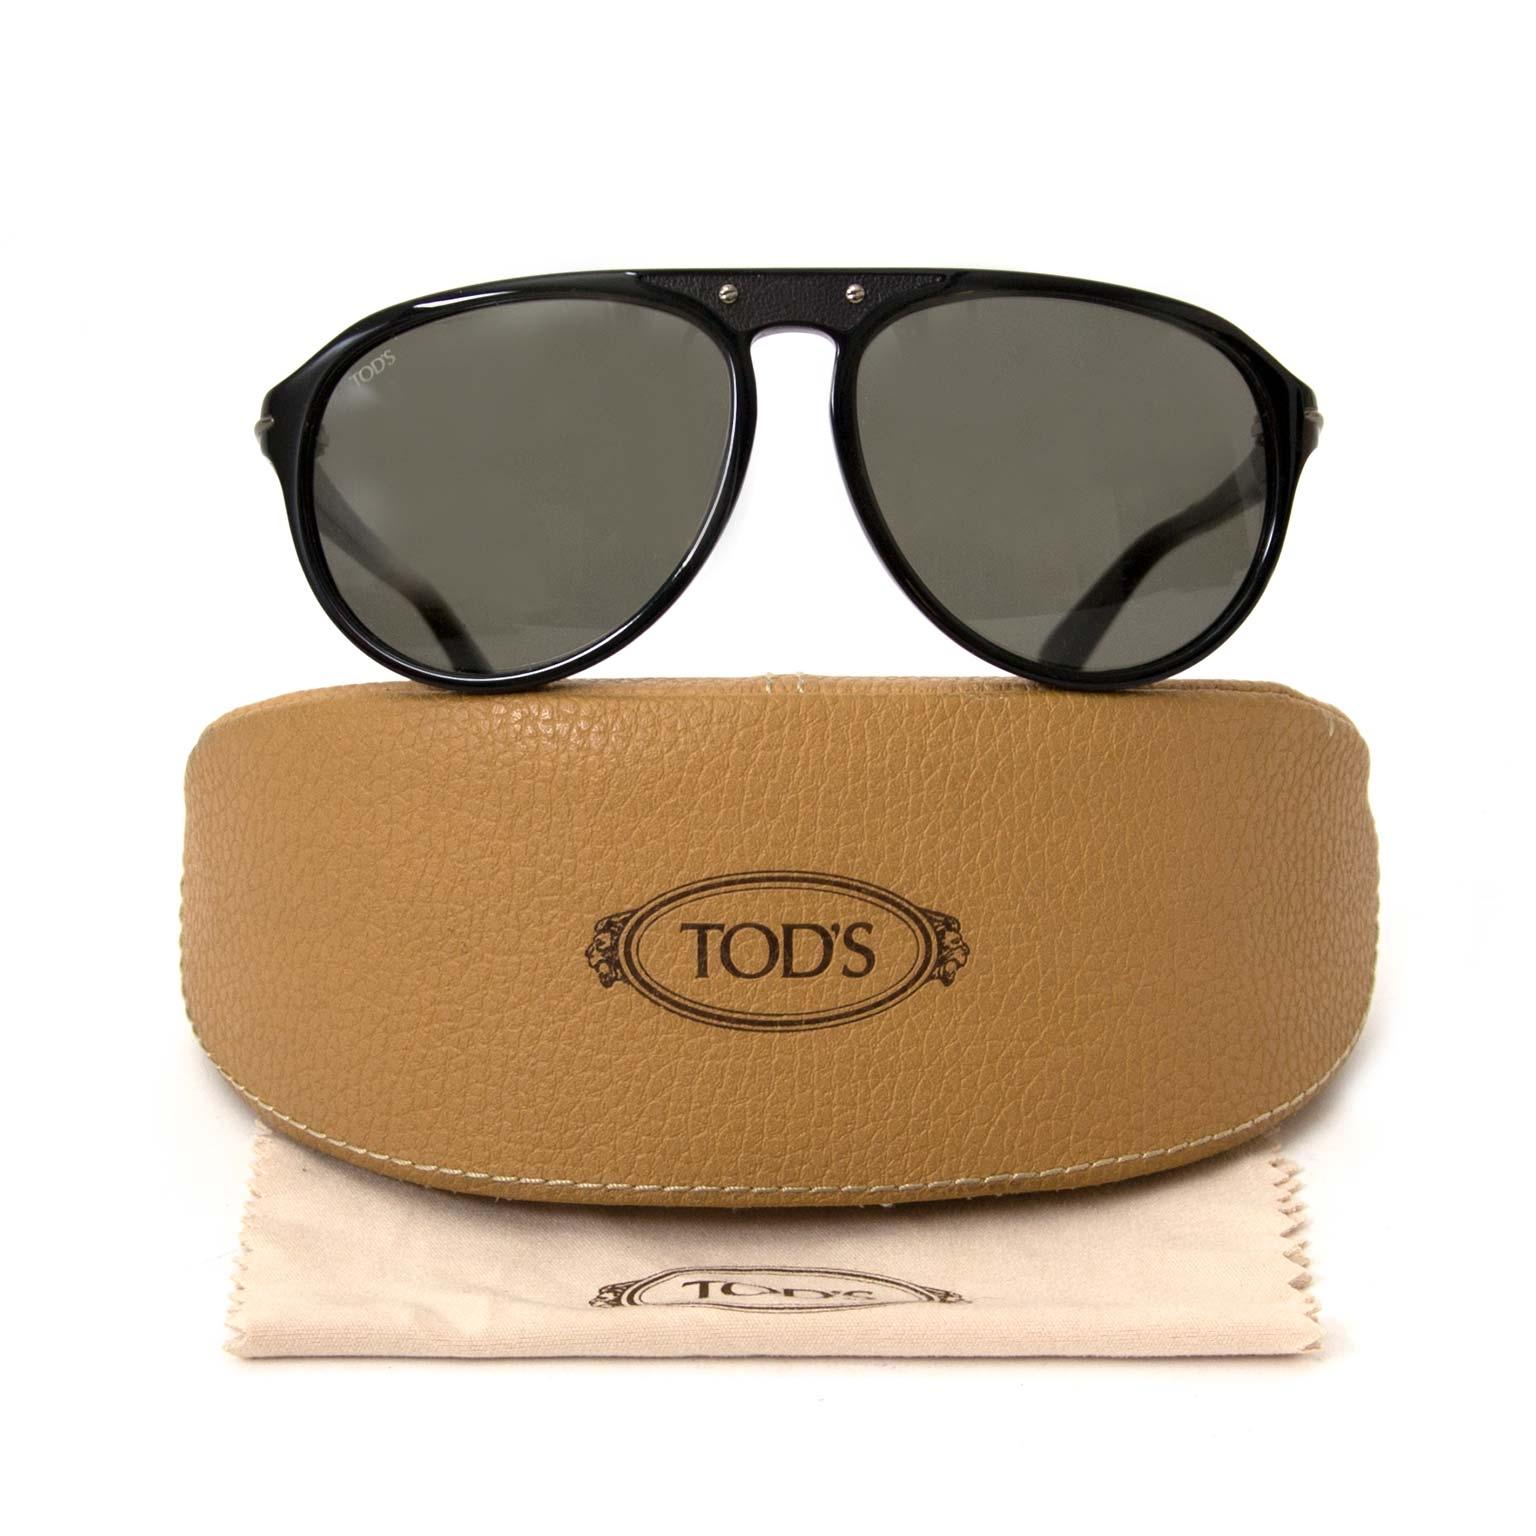 koop tod's zonnebrillen bij labellov vintage mode webshop antwerpen belgië